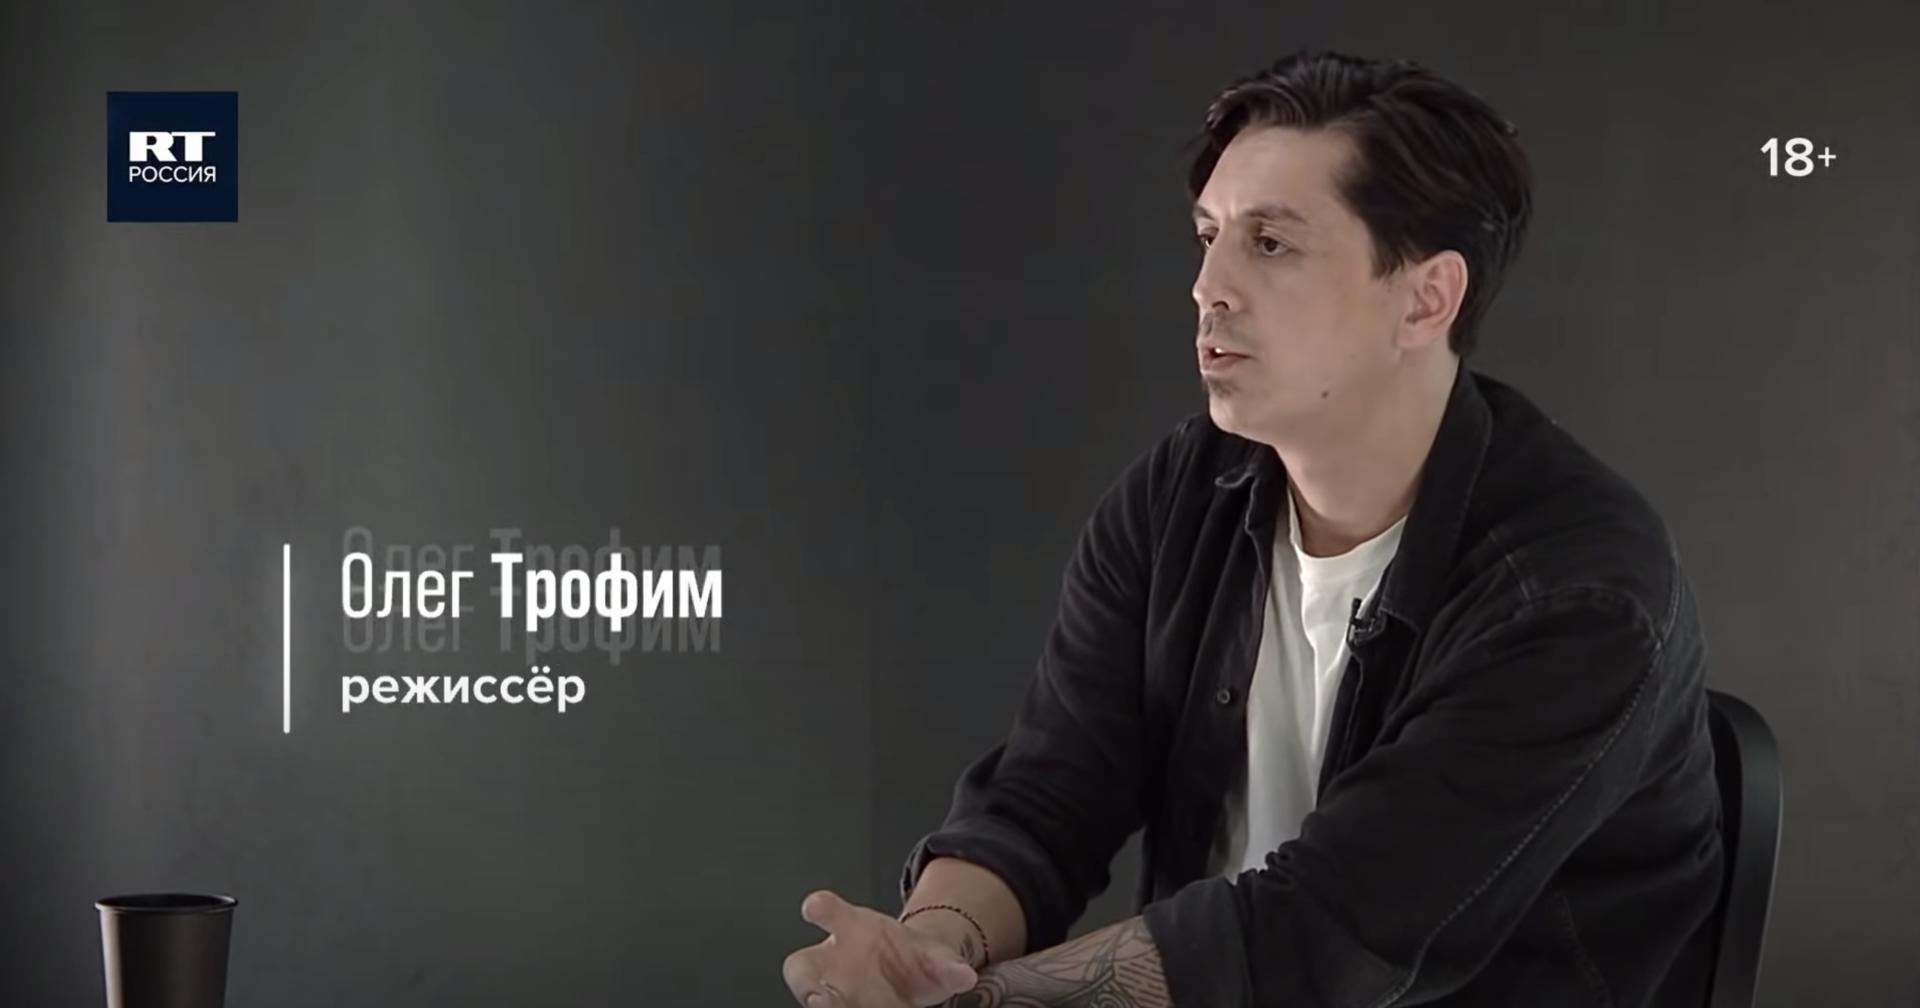 «Был хейт и с той, и с другой стороны»: Олег Трофим — о «Майоре Громе» и готовности к публичности0